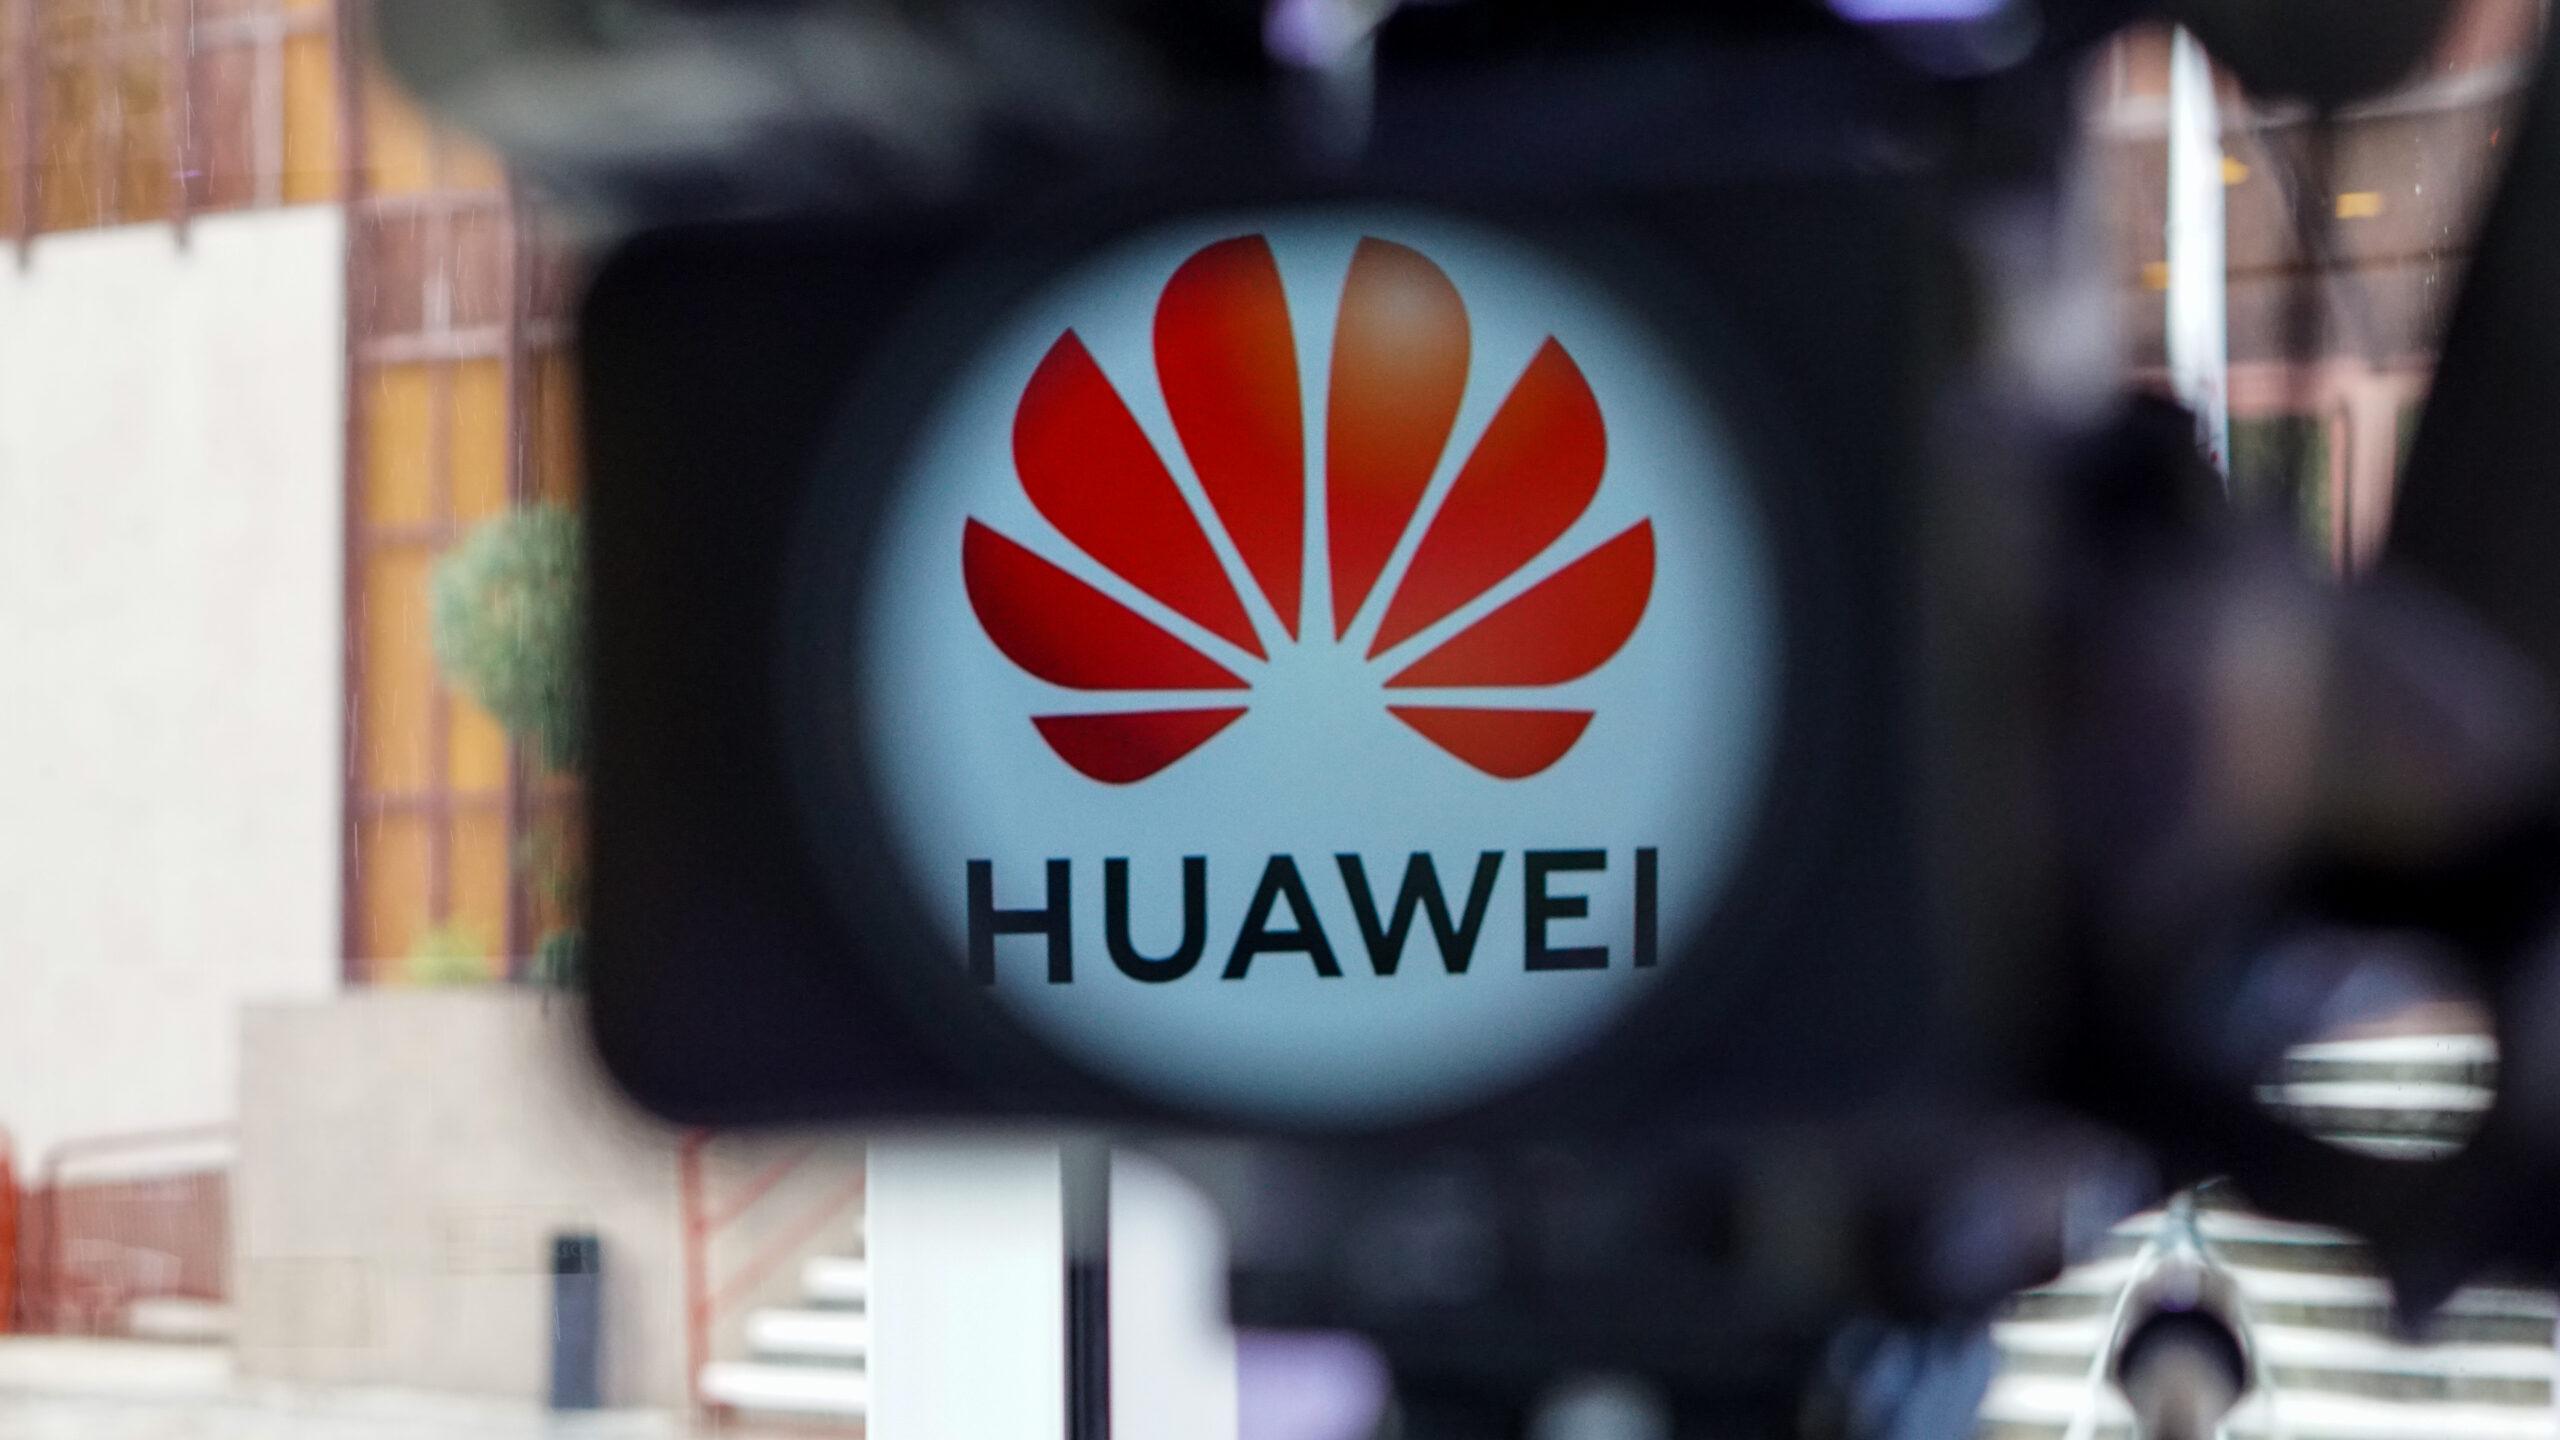 Nos lanzamos a la carretera con Huawei para mostrar el potencial del 5G